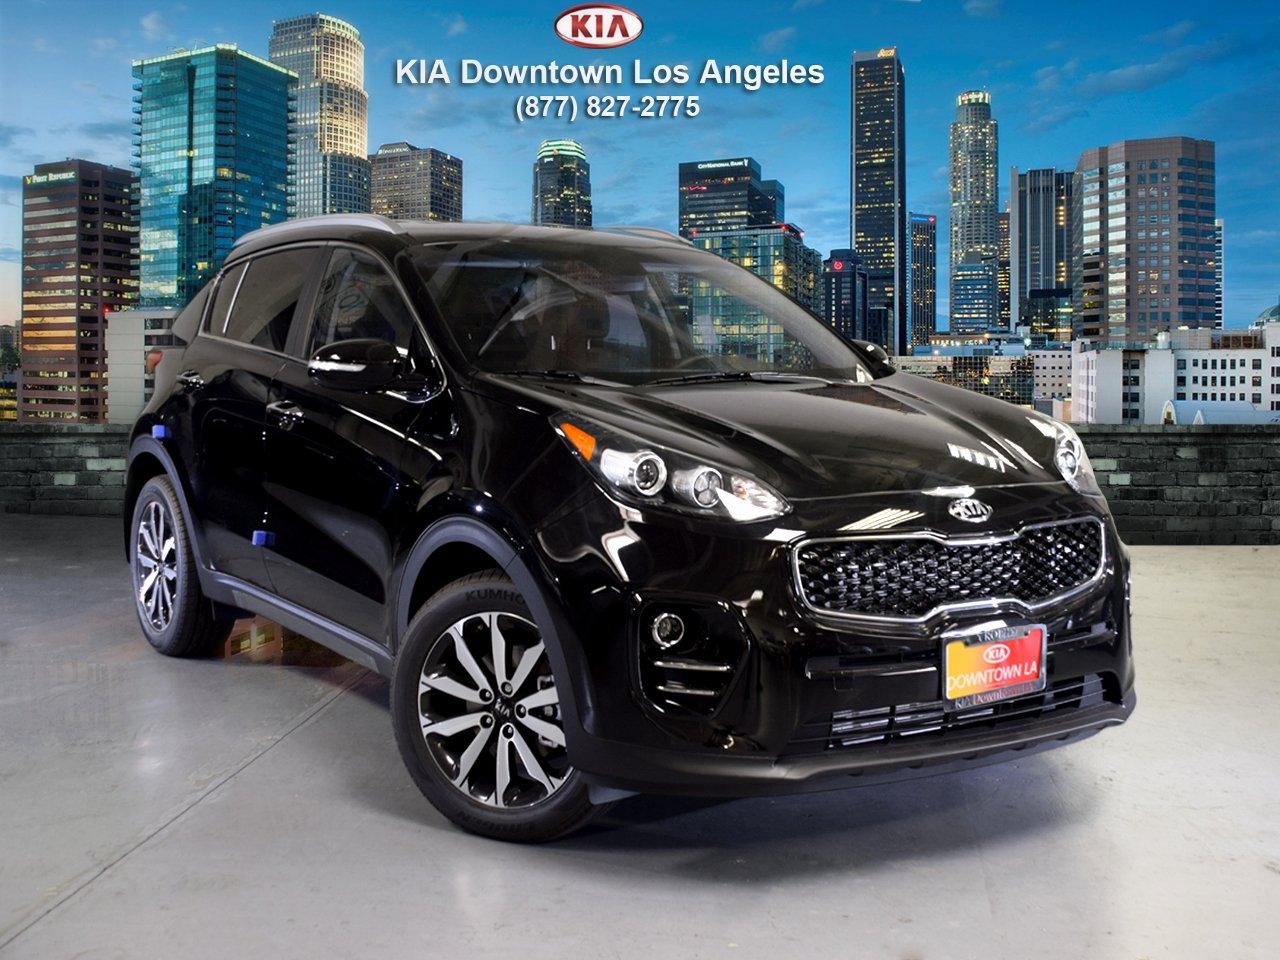 2019 Kia Sportage SUV